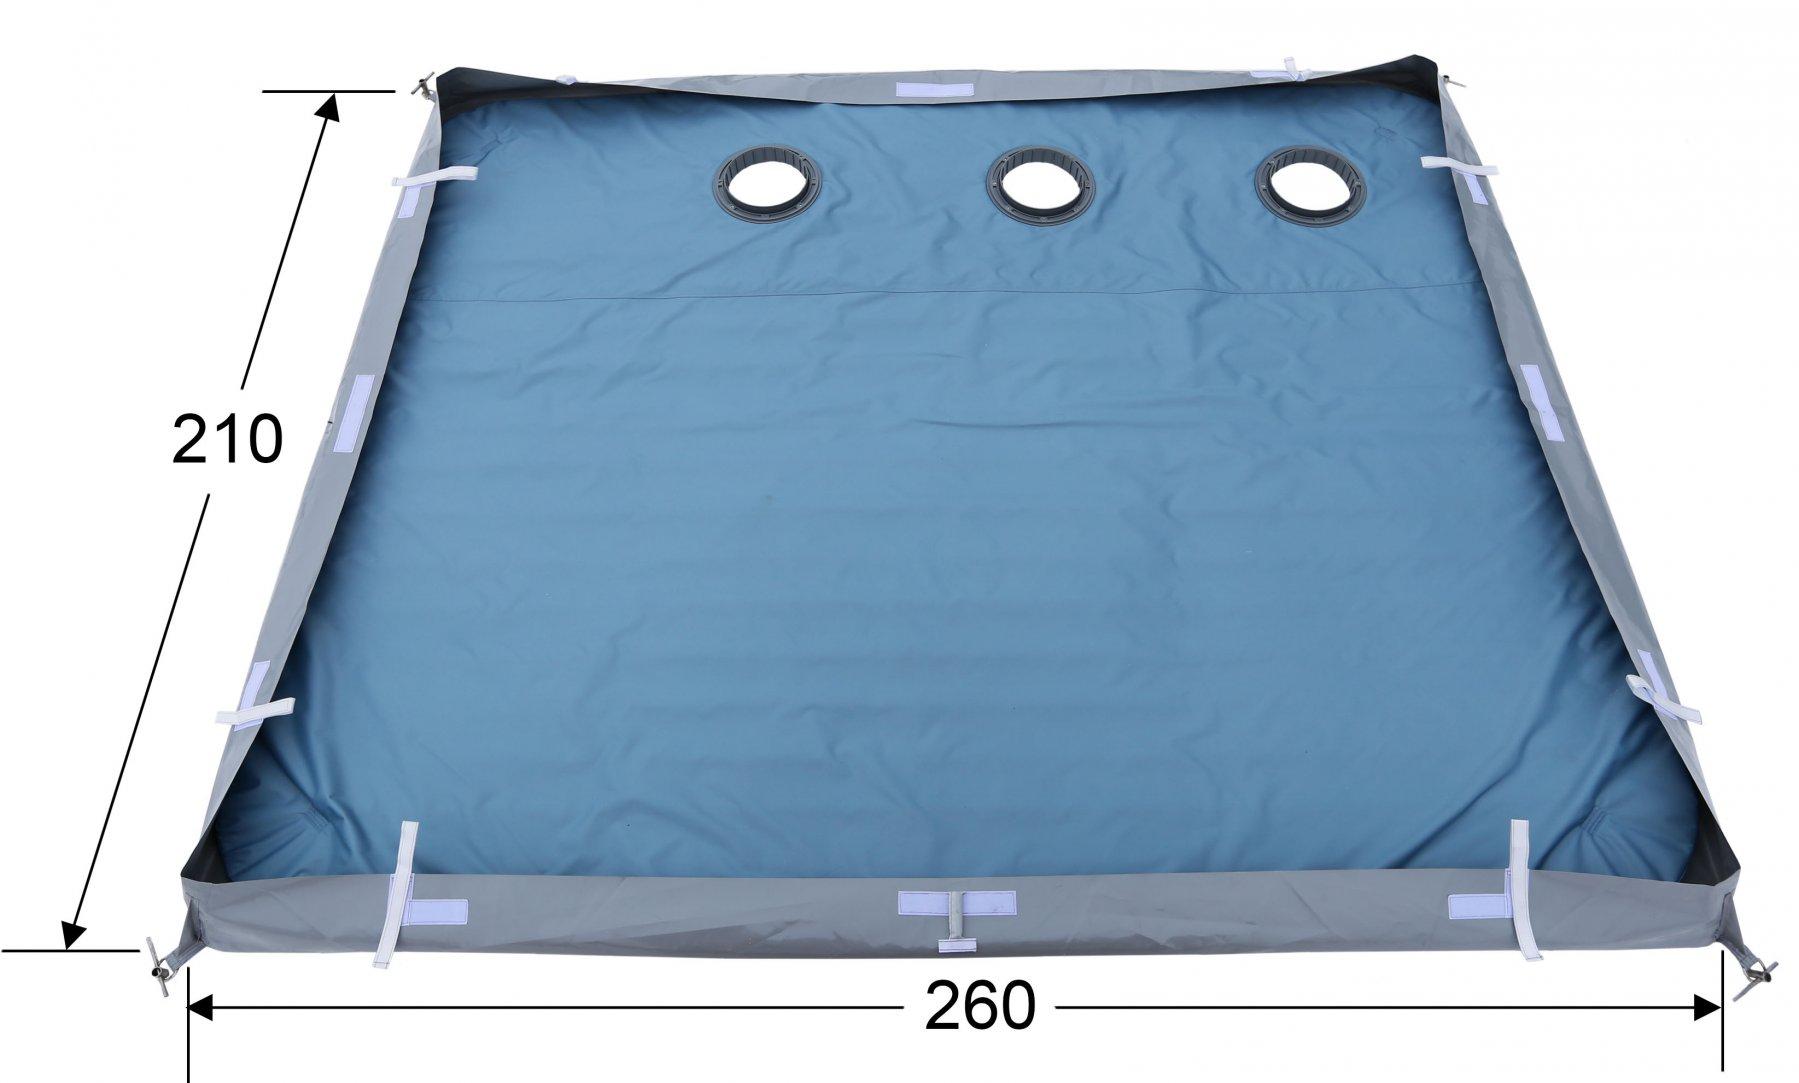 Дно гидро-термоизоляционное ЛОТОС Куб 4 (260х210) с отверстиями под лунки (в сборе с фланцами)